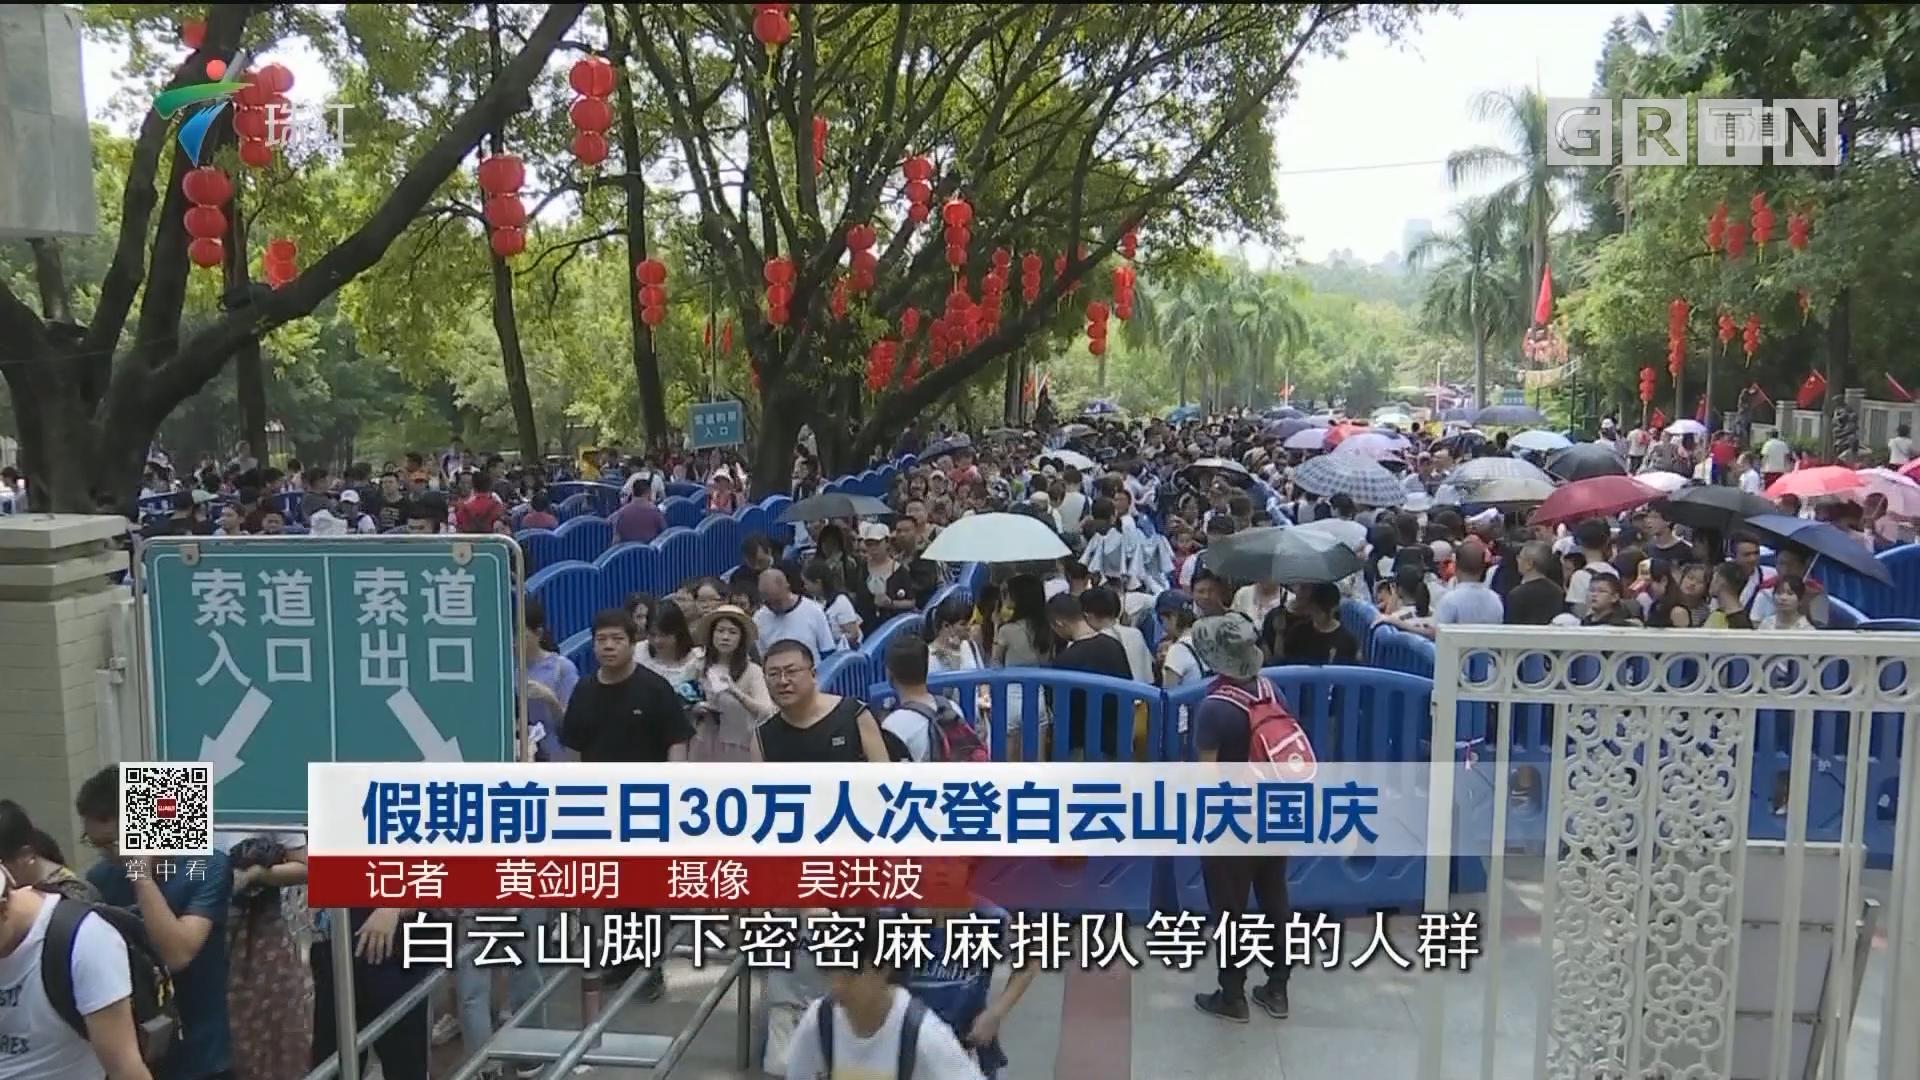 假期前三日30萬人次登白云山慶國慶